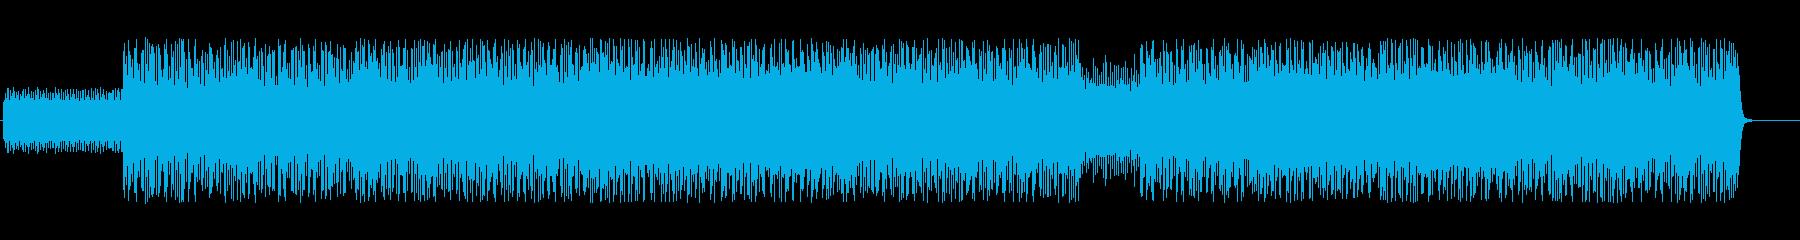 ダイナミックでドラムが印象的なテクノの再生済みの波形